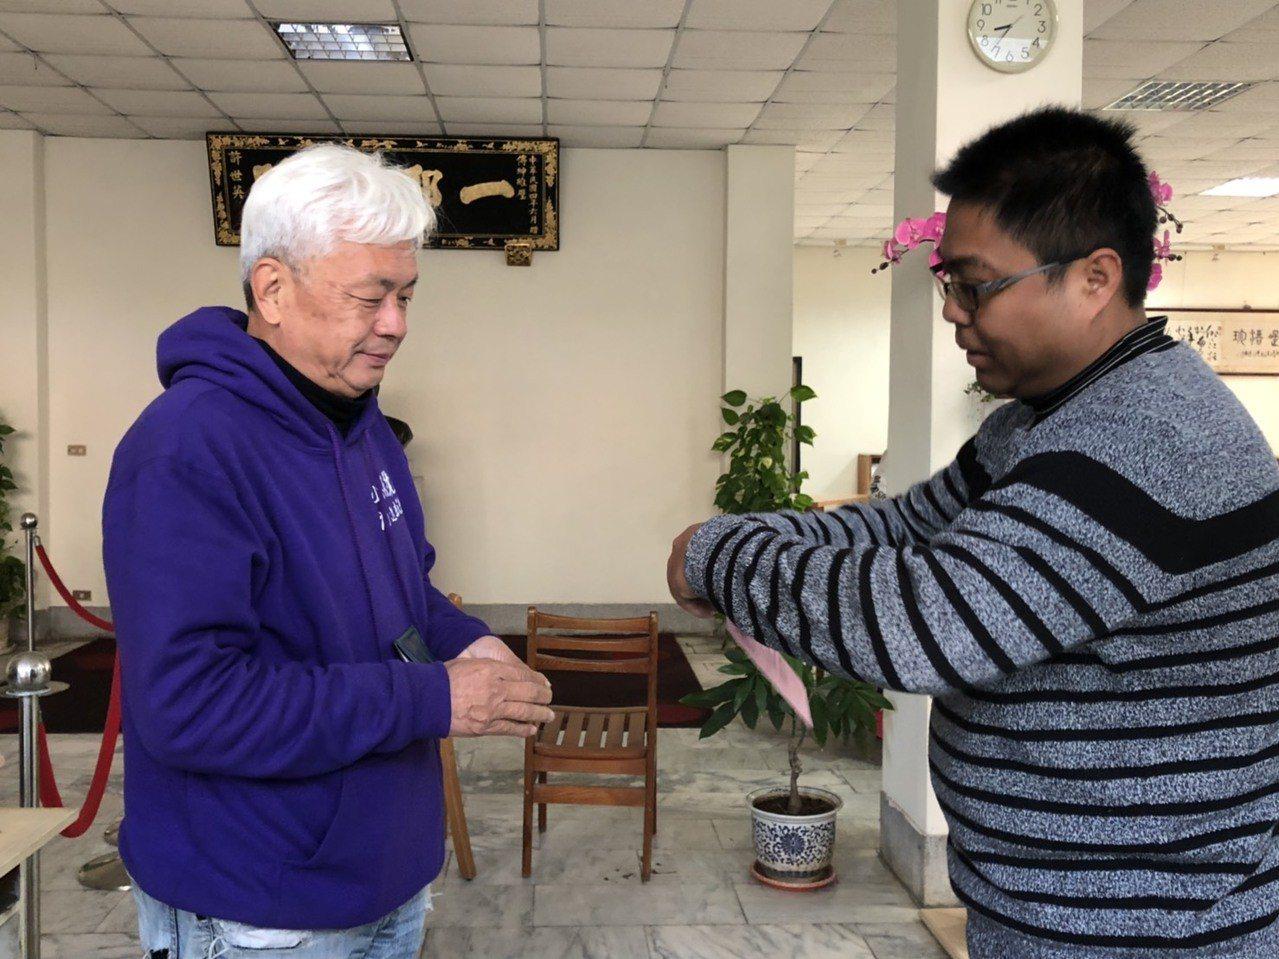 無黨籍金門立委候選人陳滄江今天一早就去投票,擔憂選情冷。記者蔡家蓁/攝影